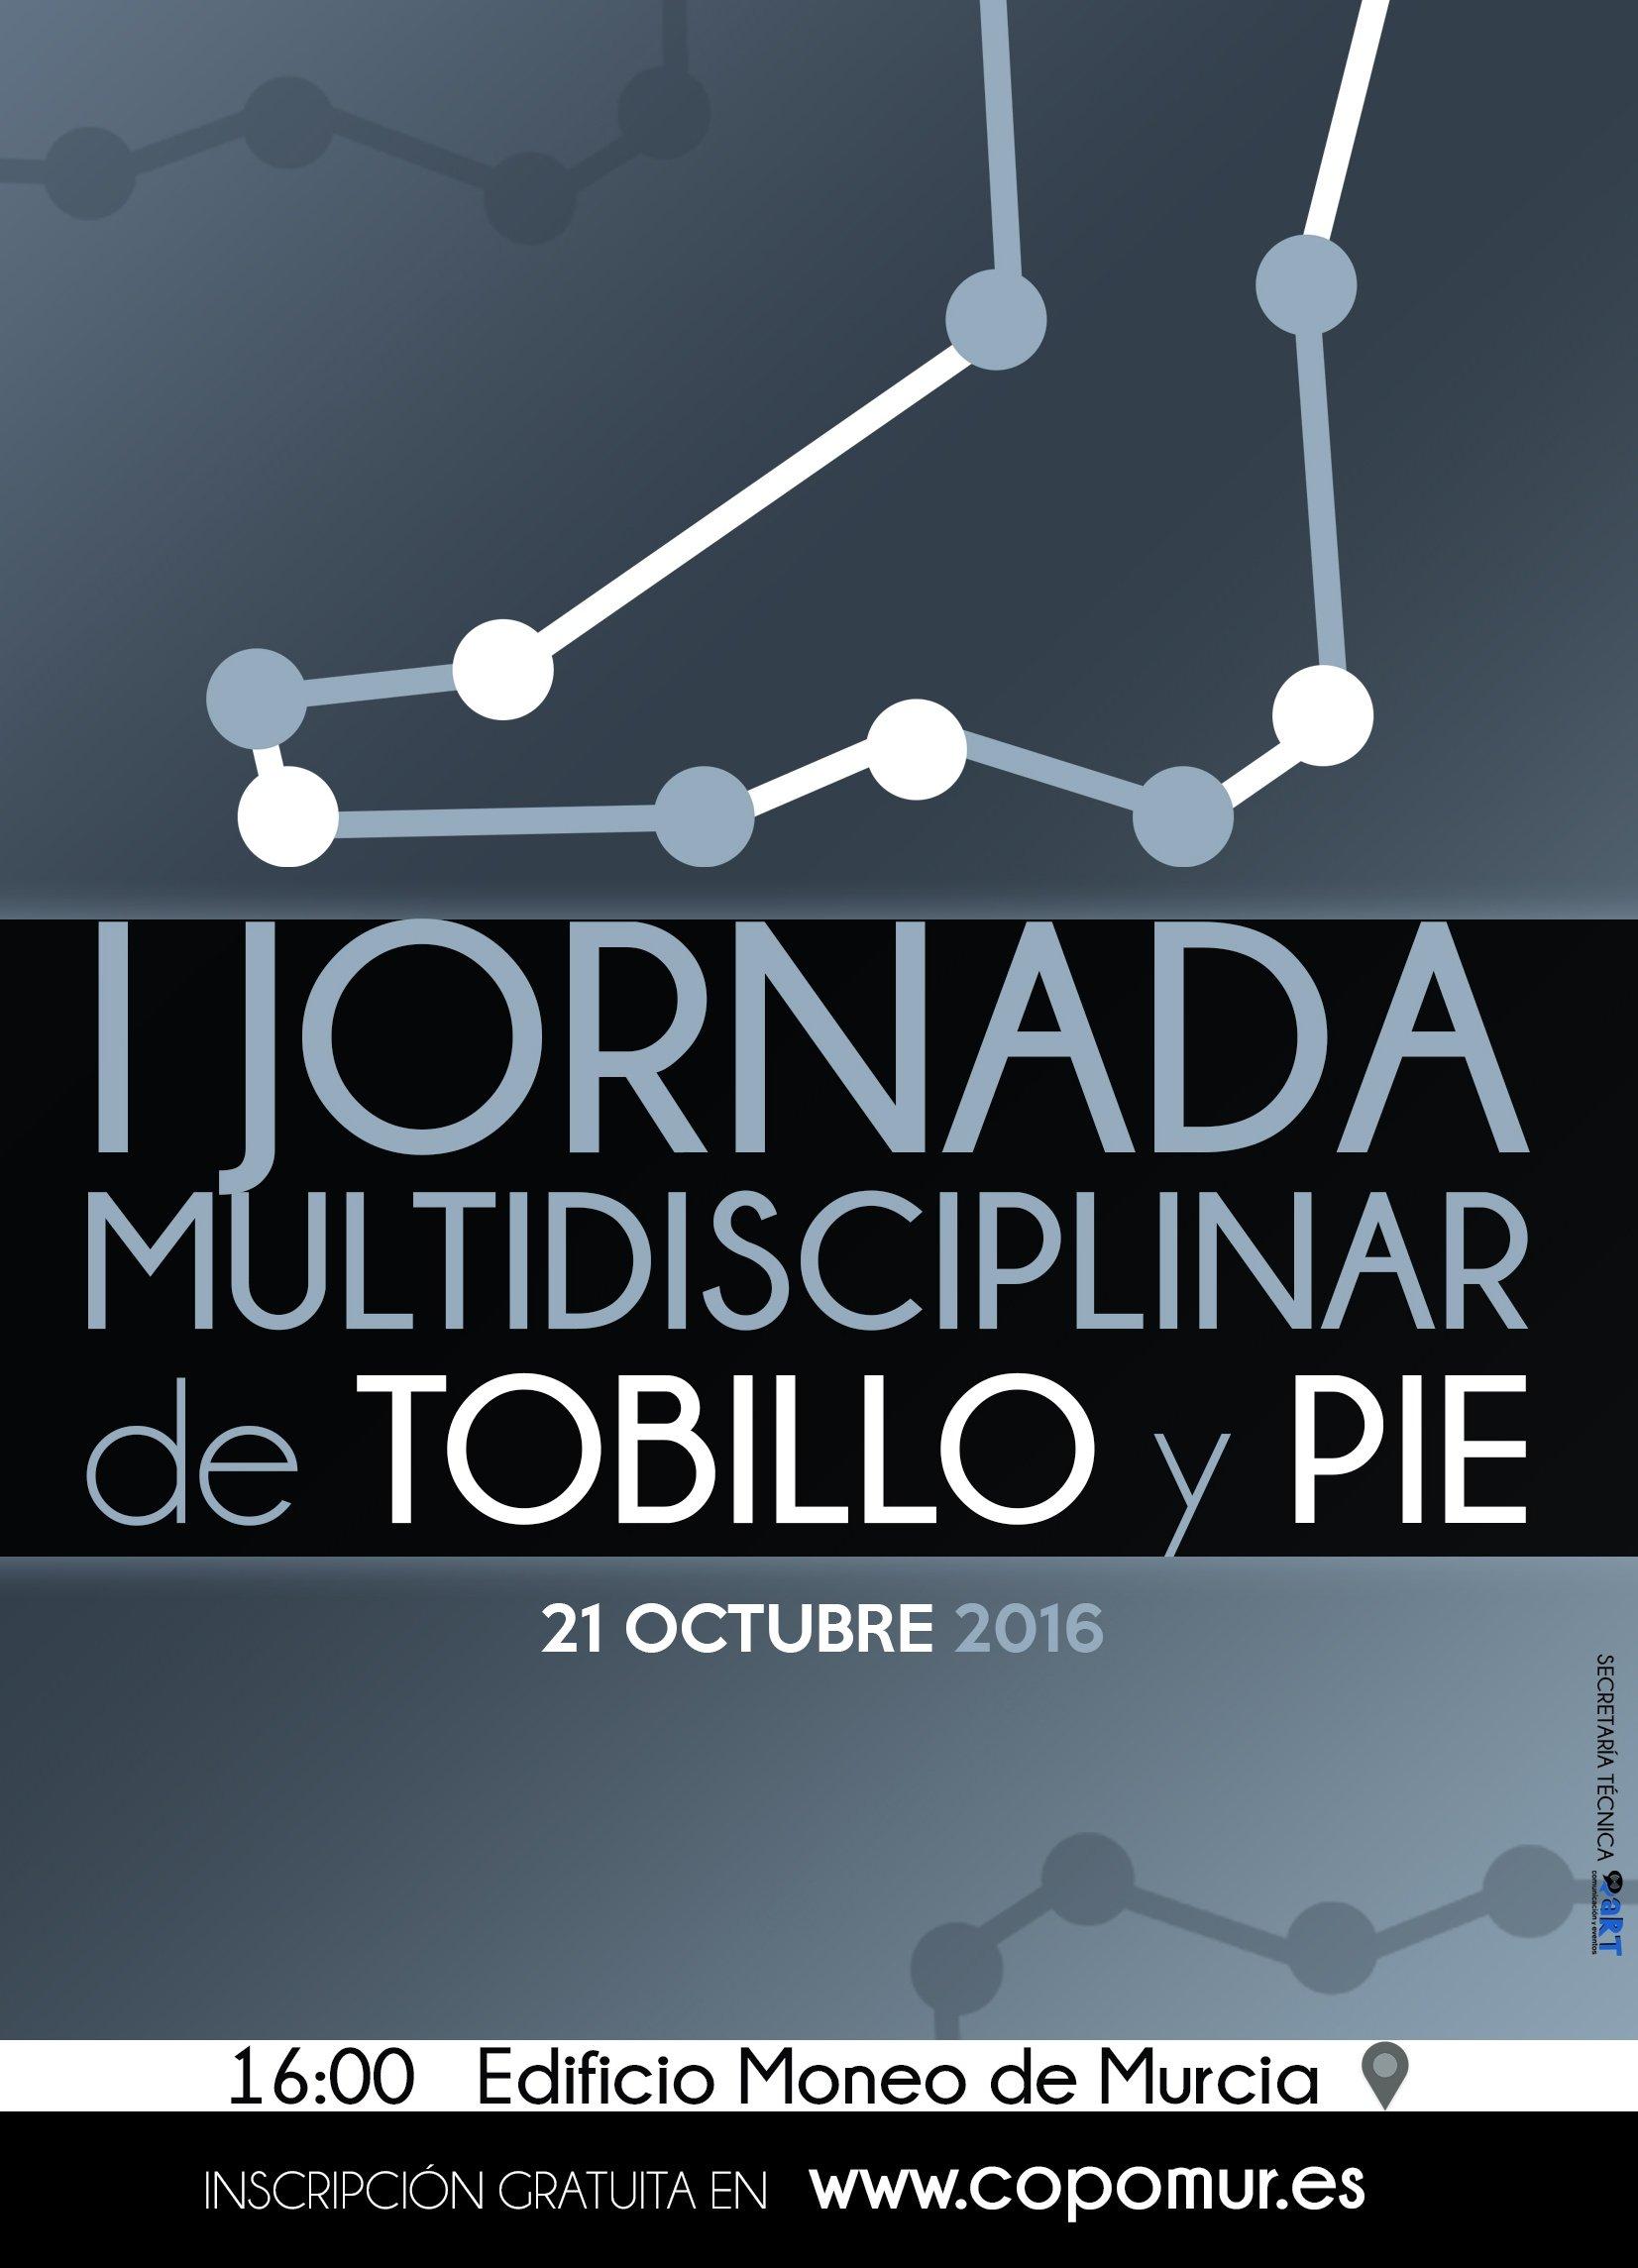 125 PROFESIONALES PARTICIPAN EN LAS I JORNADAS MULTIDISCIPLINARES DE TOBILLO Y PIE ORGANIZADAS POR EL COLEGIO DE PODÓLOGOS DE MURCIA